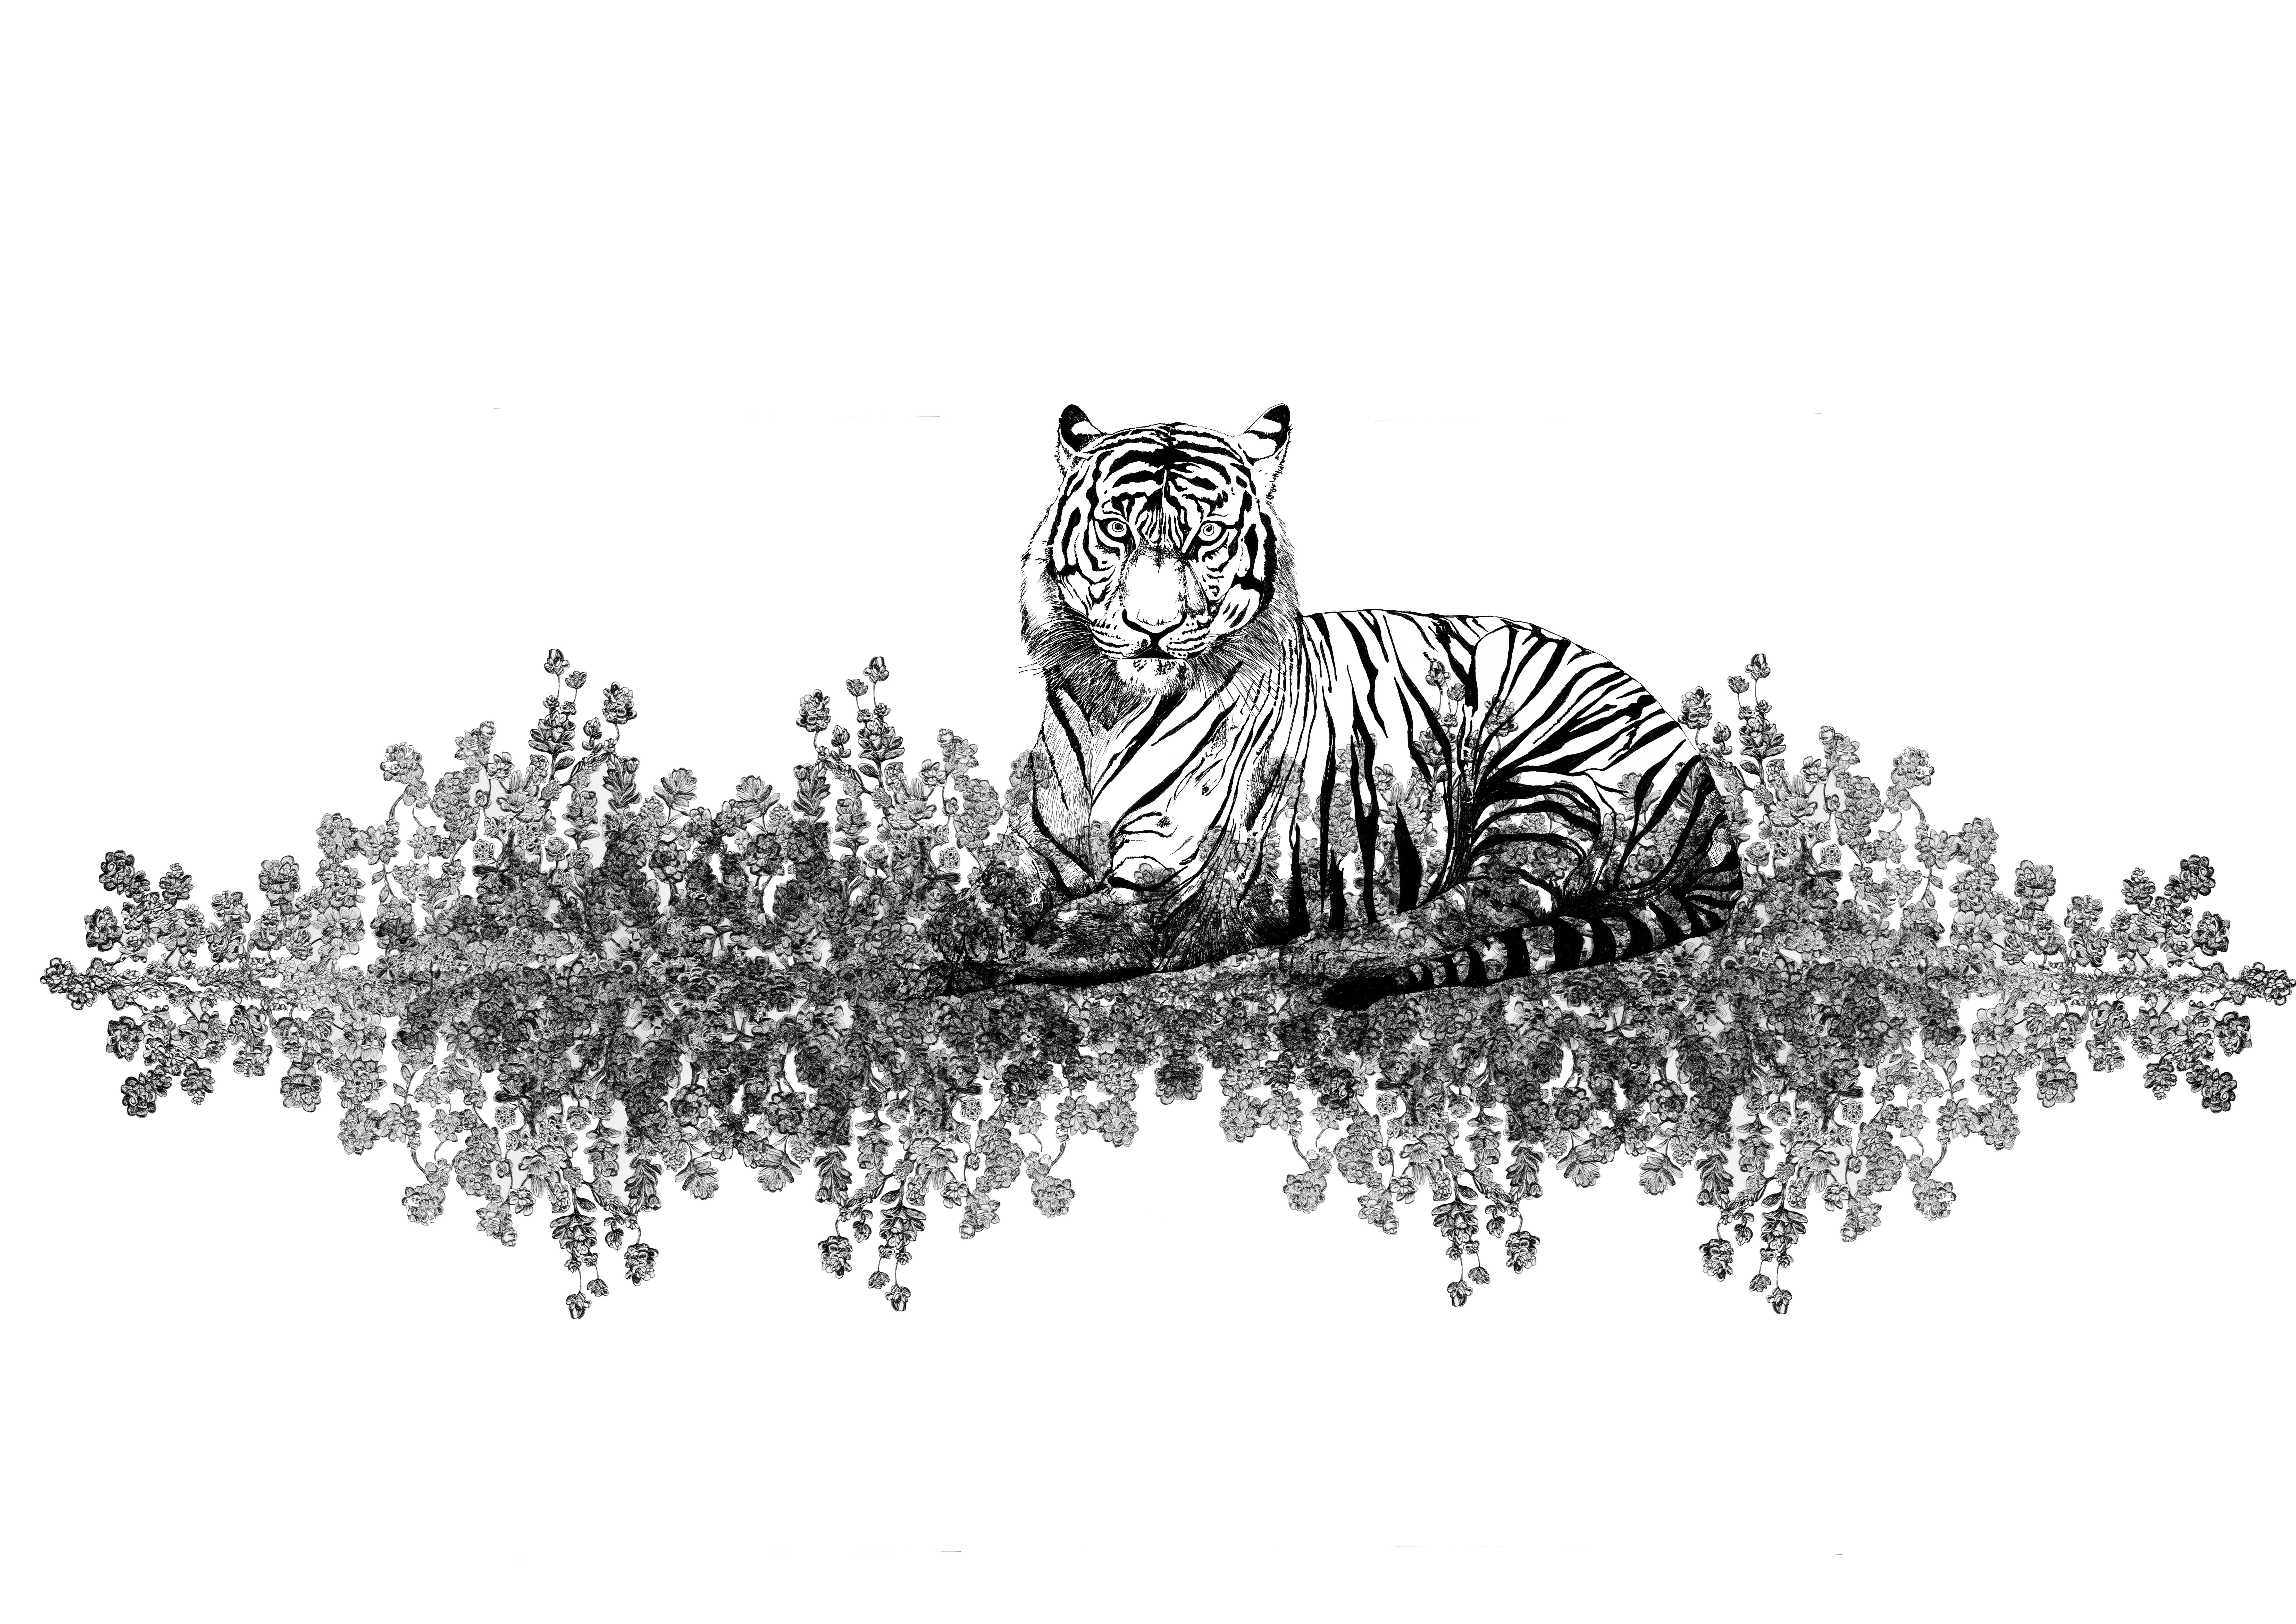 tigris bianco franck auguste pitoiset to